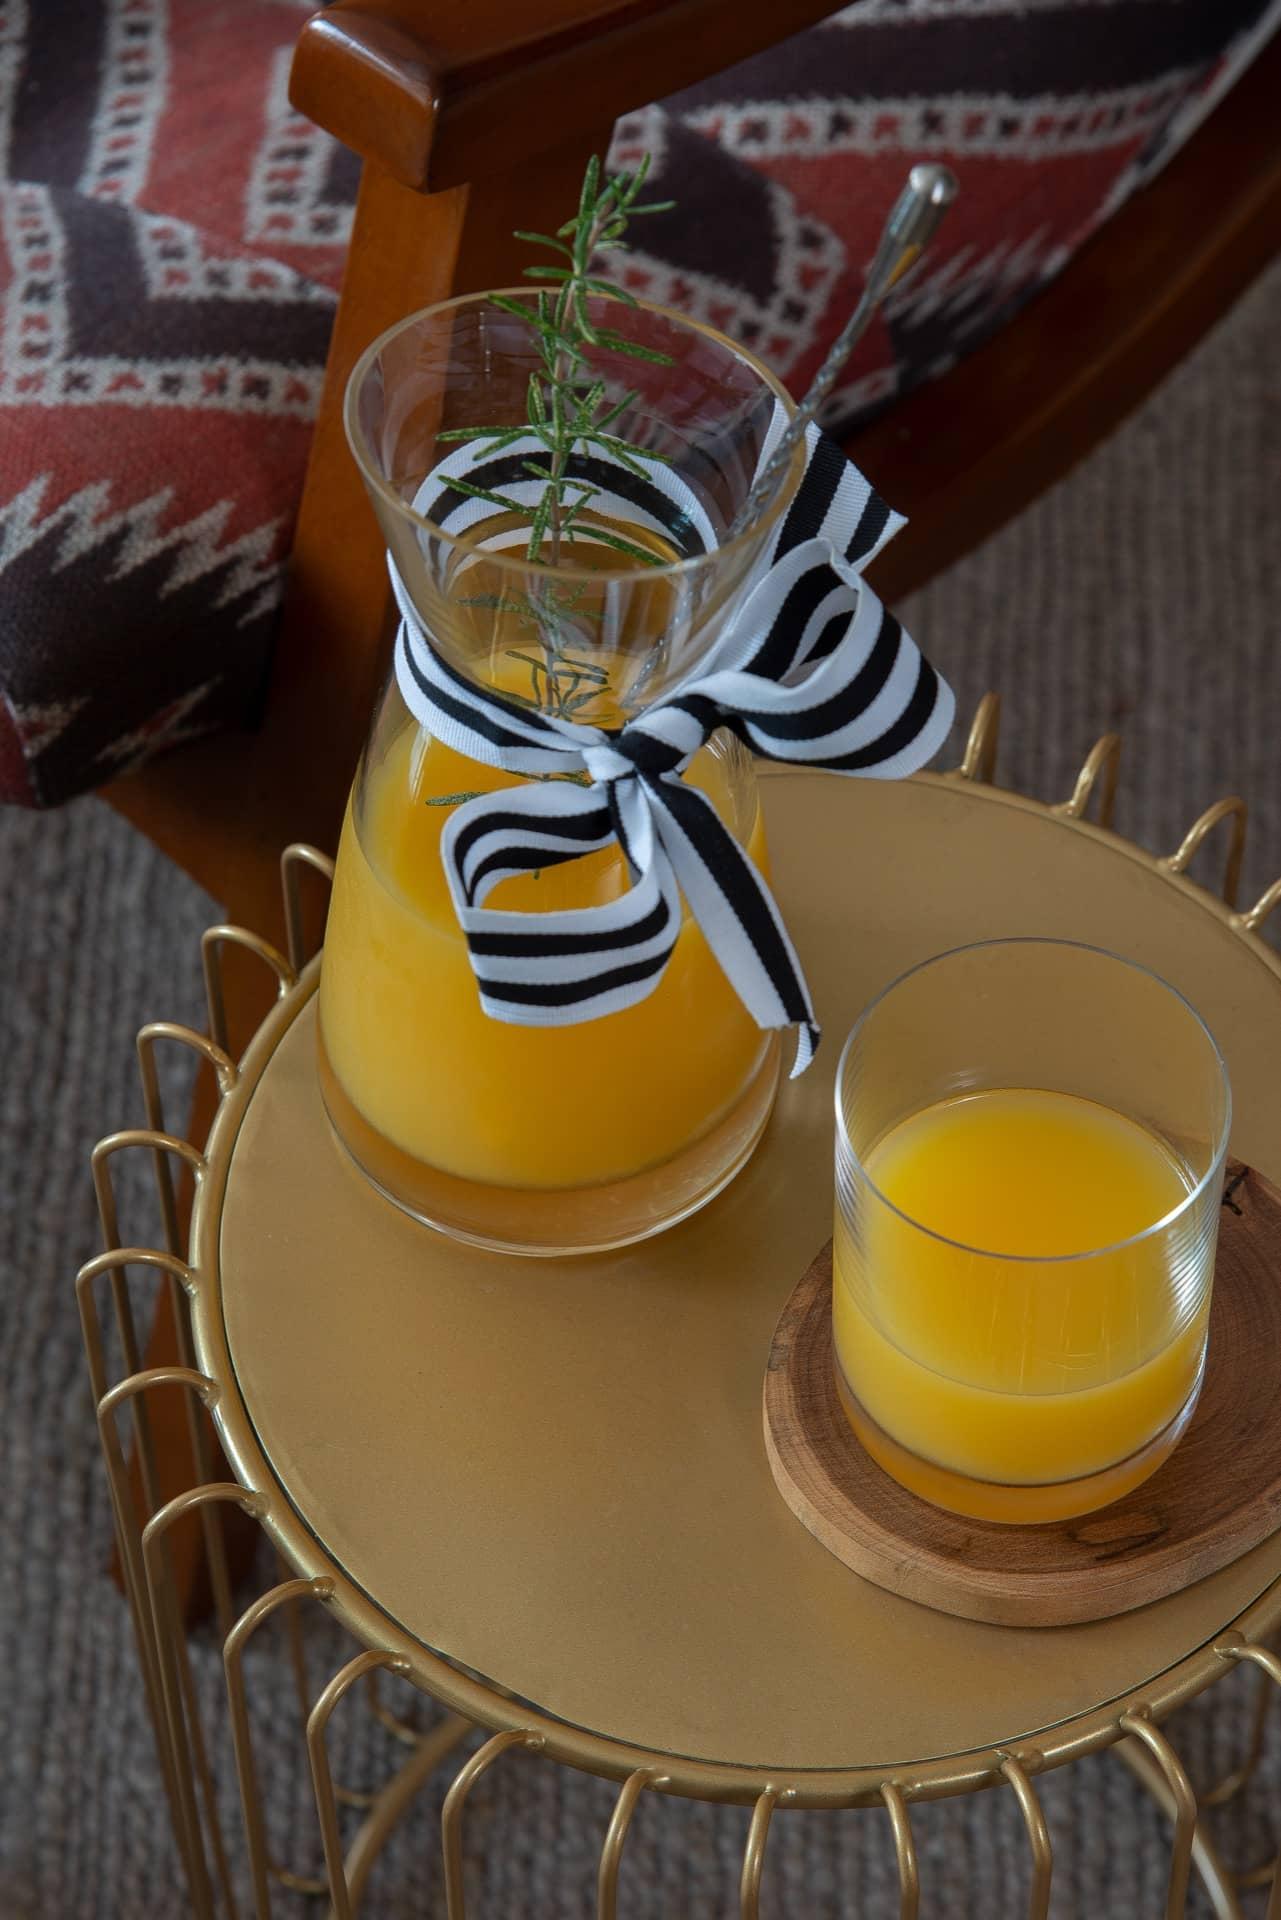 Imagem: Na mesinha de apoio da Mart Collection, a jarra de suco também aparece com laço de fita. Foto: Cacá Bratke